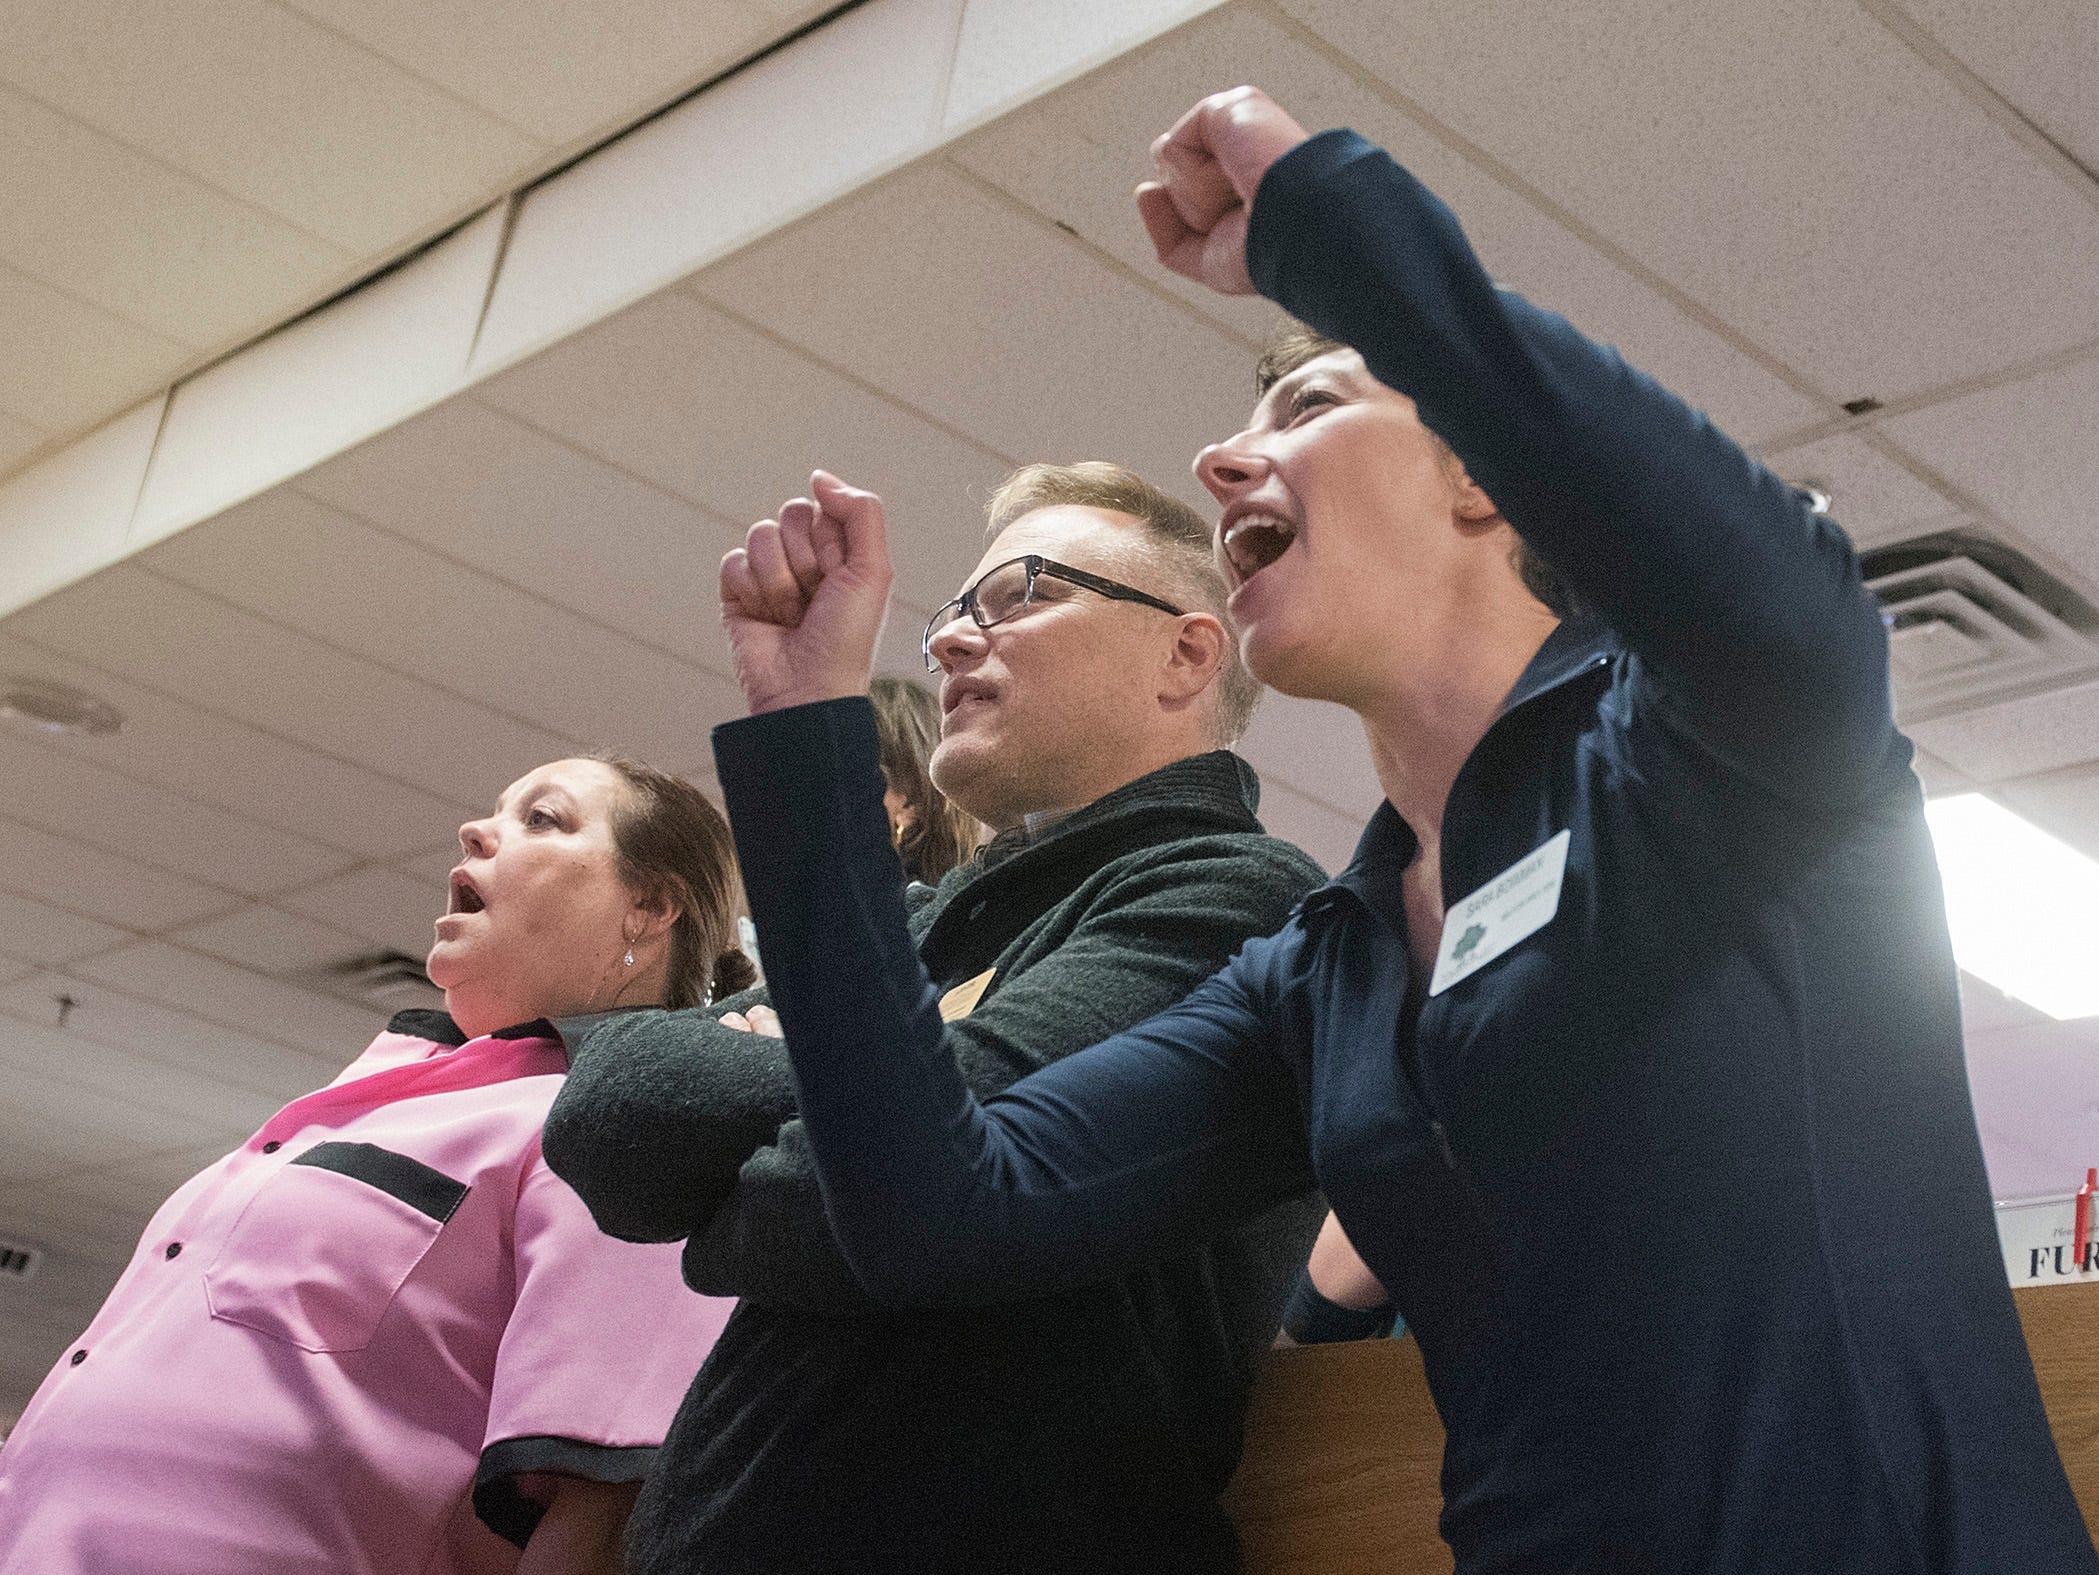 Theresa Rich, Steve Schneemann and Sara Bowman react to the falling pins.